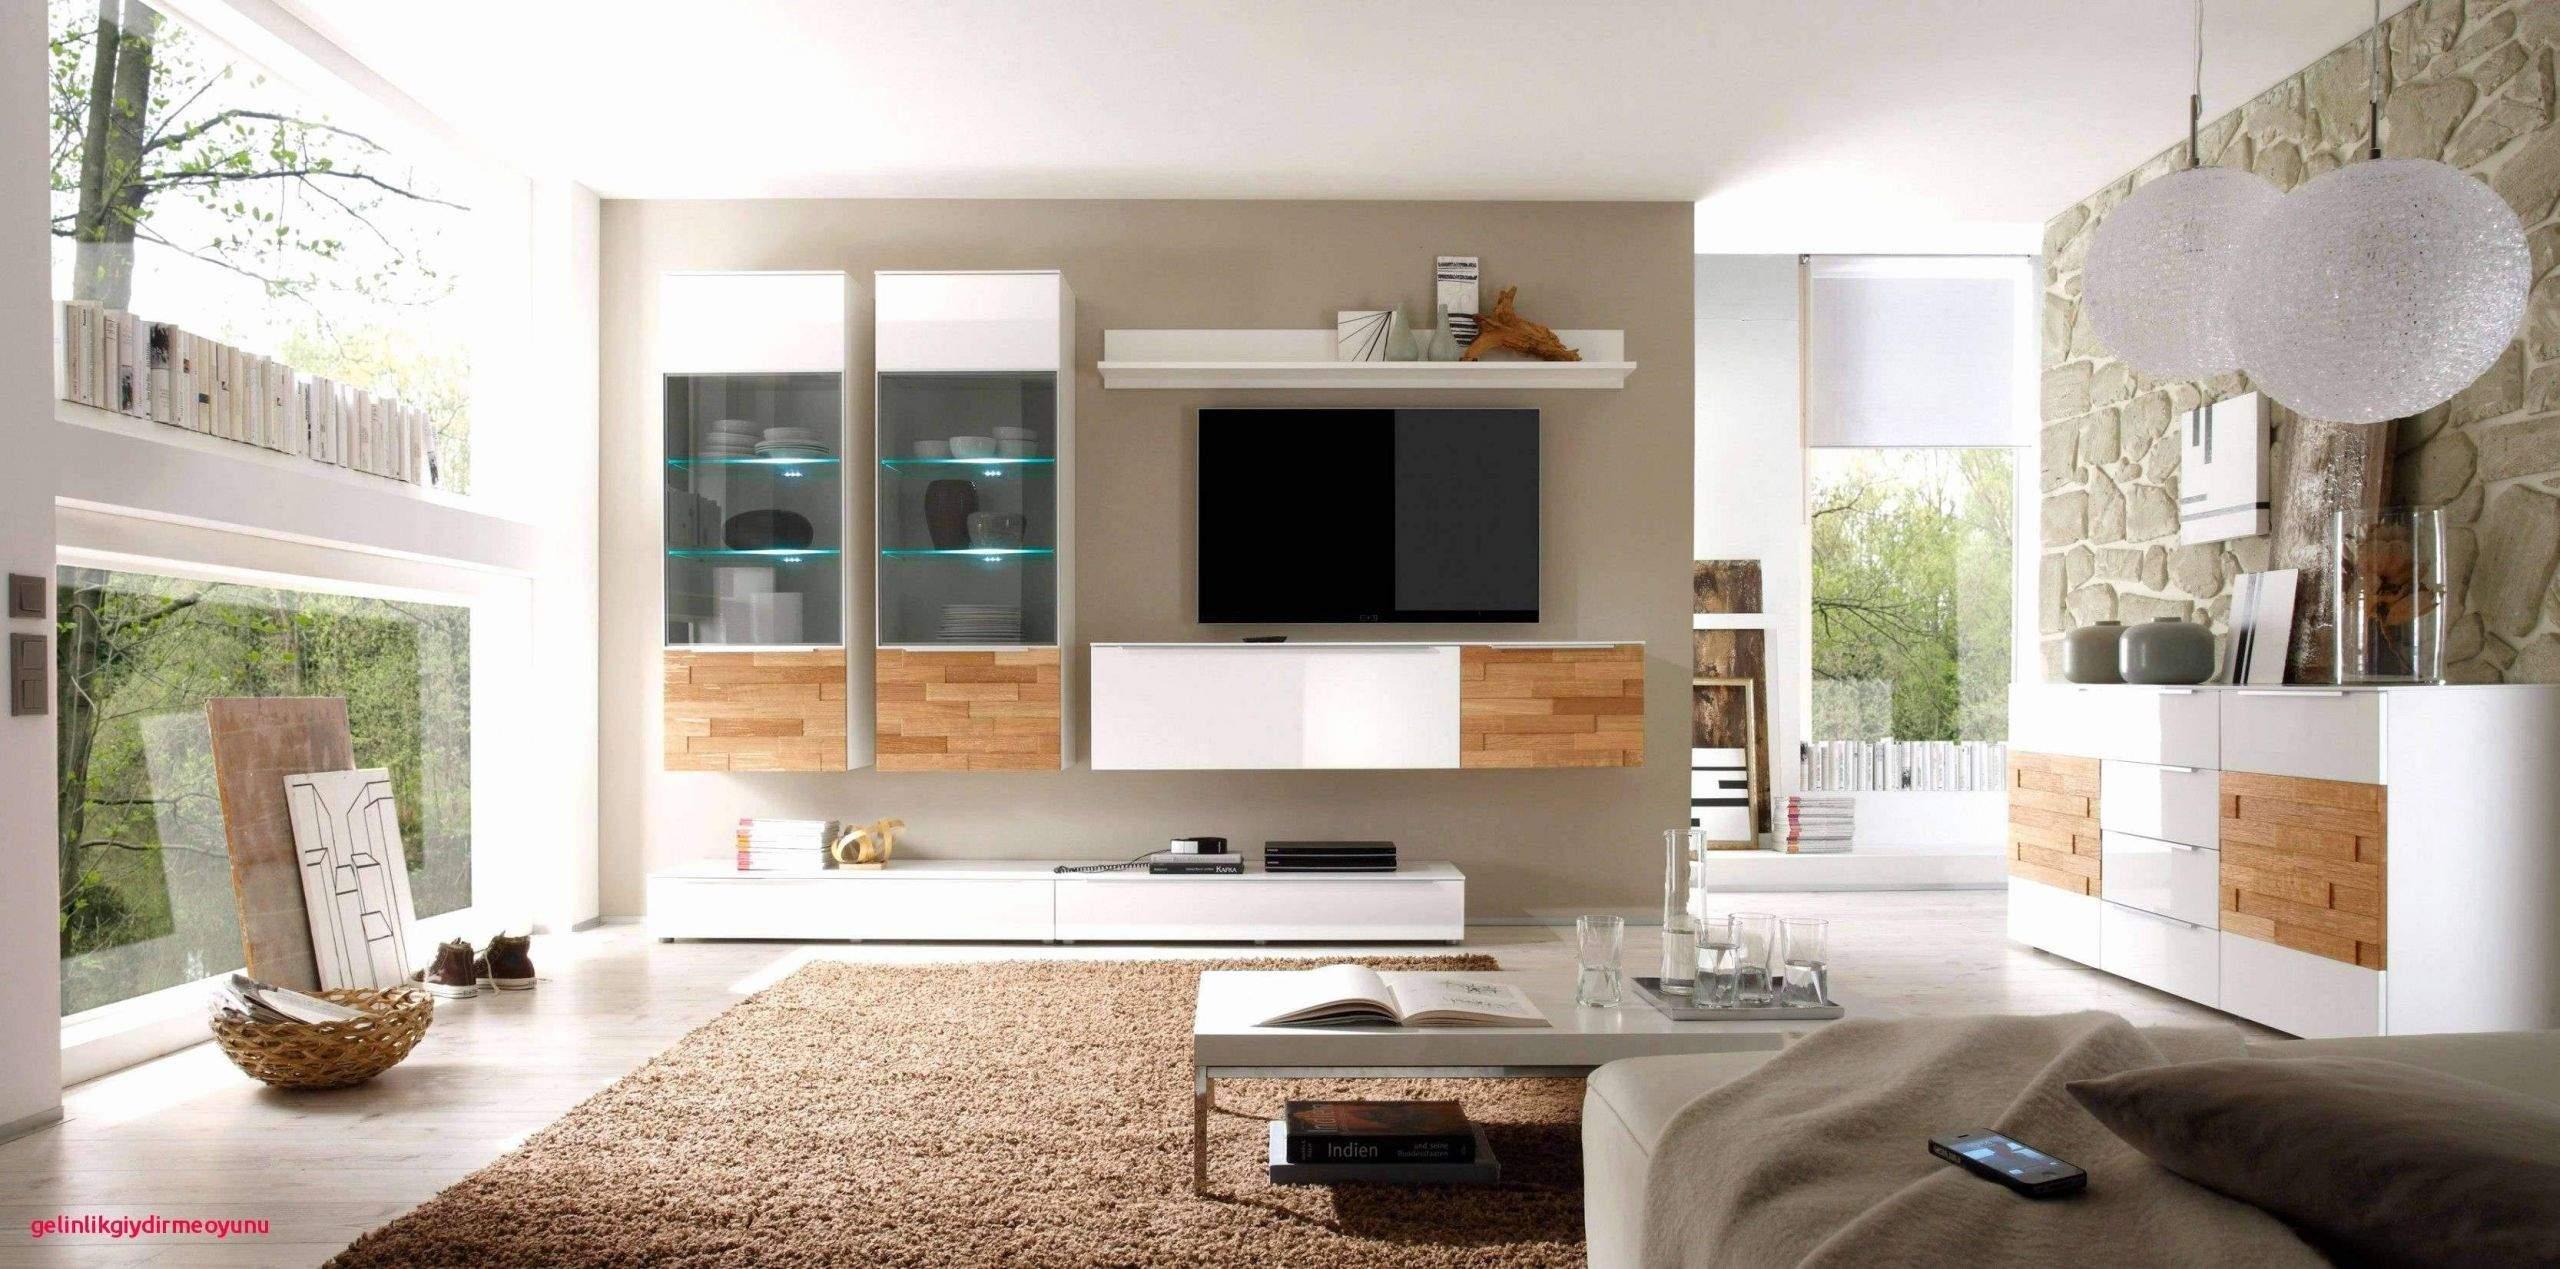 wohnzimmer holz modern reizend deko ideen wohnzimmer holz schon of wohnzimmer holz modern scaled